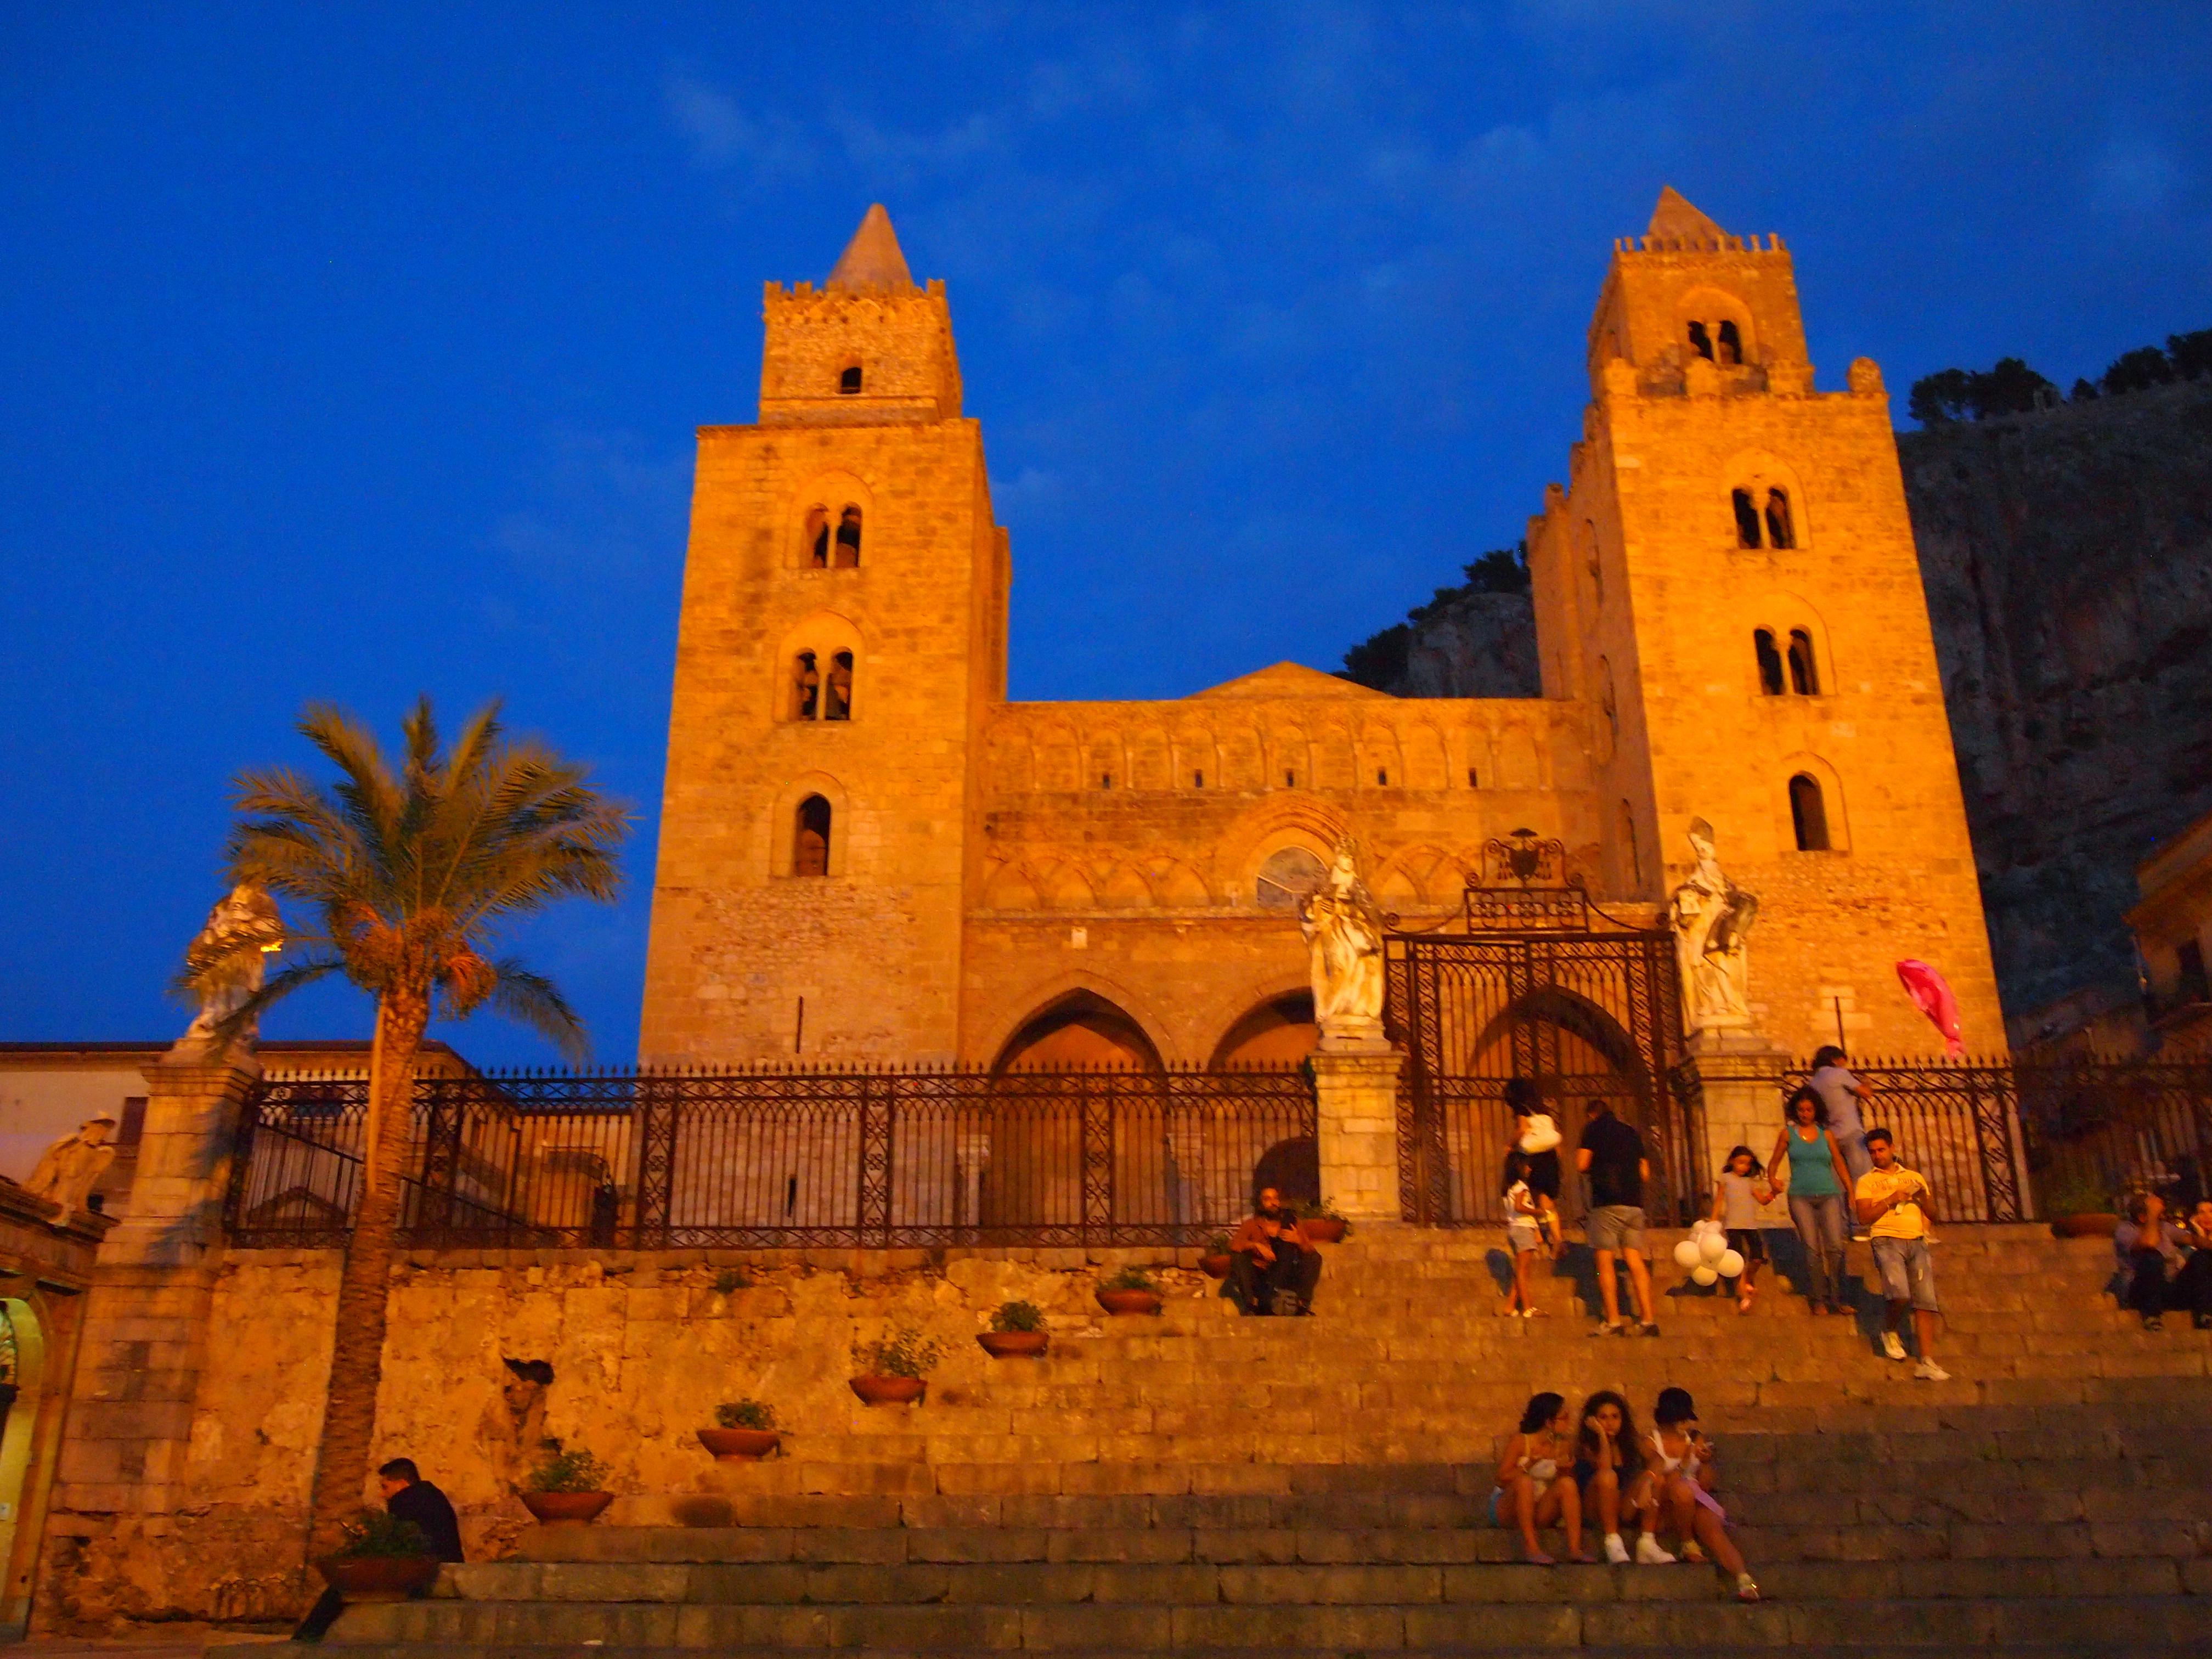 Duomo normanno di Cefalù